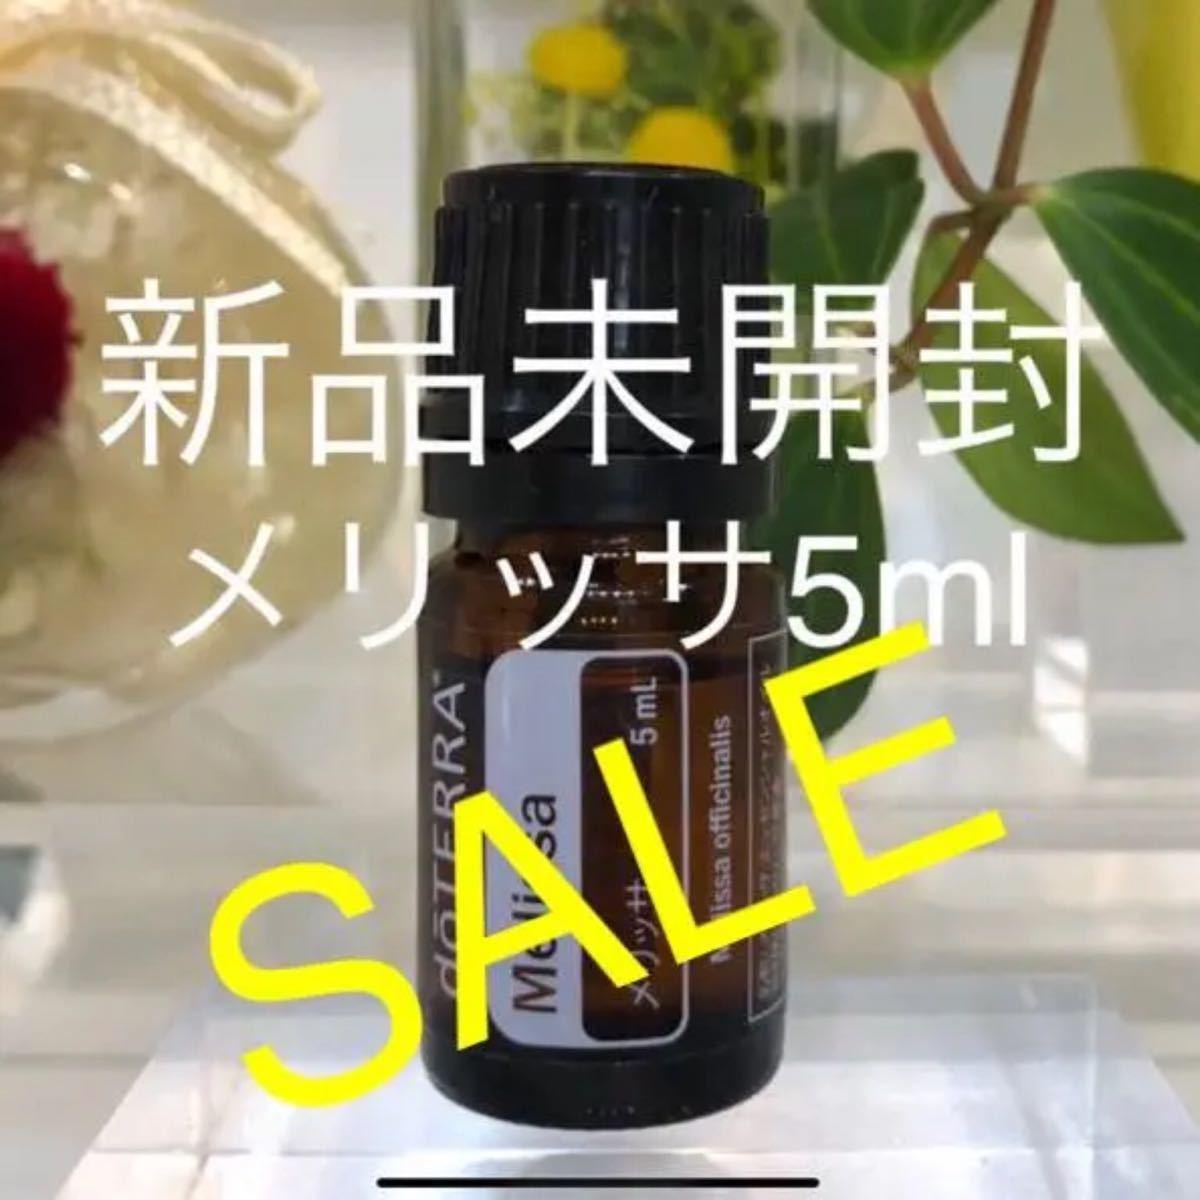 ドテラ メリッサ5ml★正規品★新品未開封★